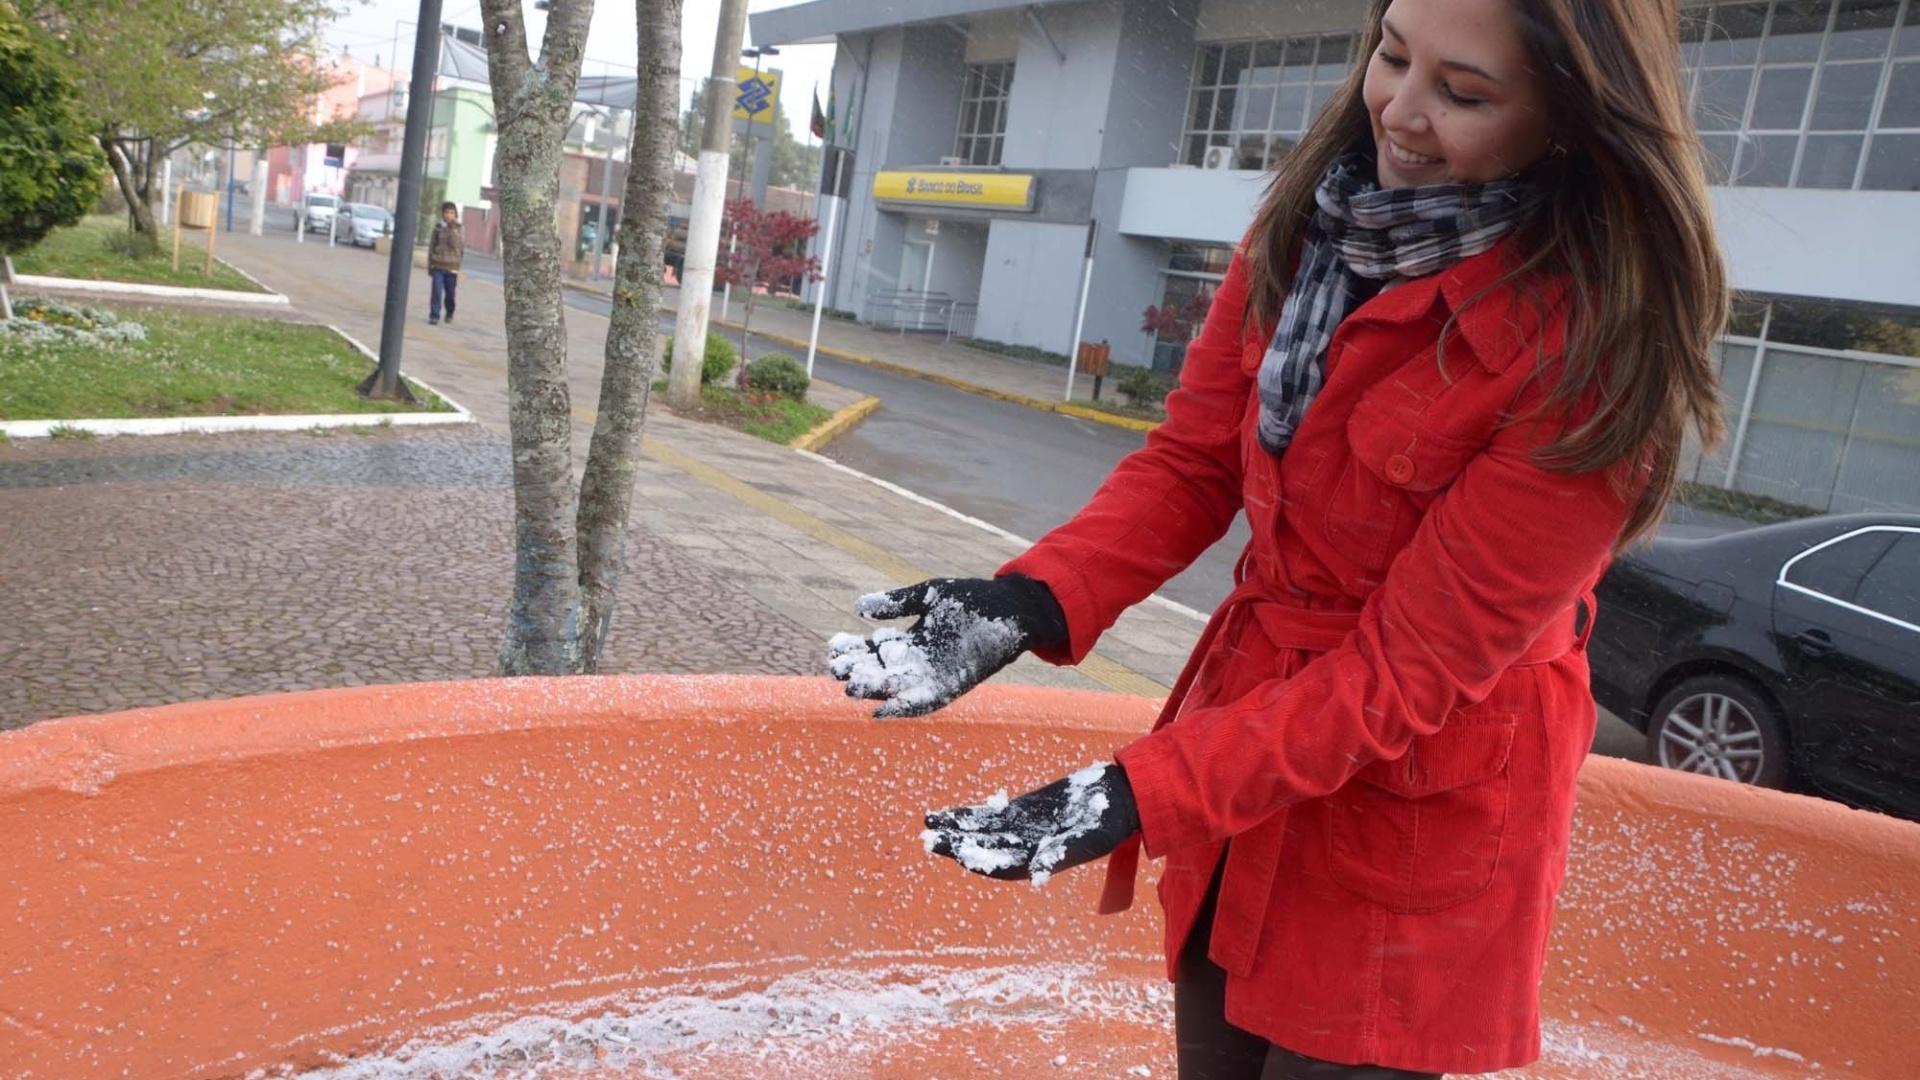 26.set.2012 - Moradora de São Joaquim, em Santa Catarina, brinca com neve nesta quarta-feira (26). Os termômetros da cidade registraram 0°C hoje